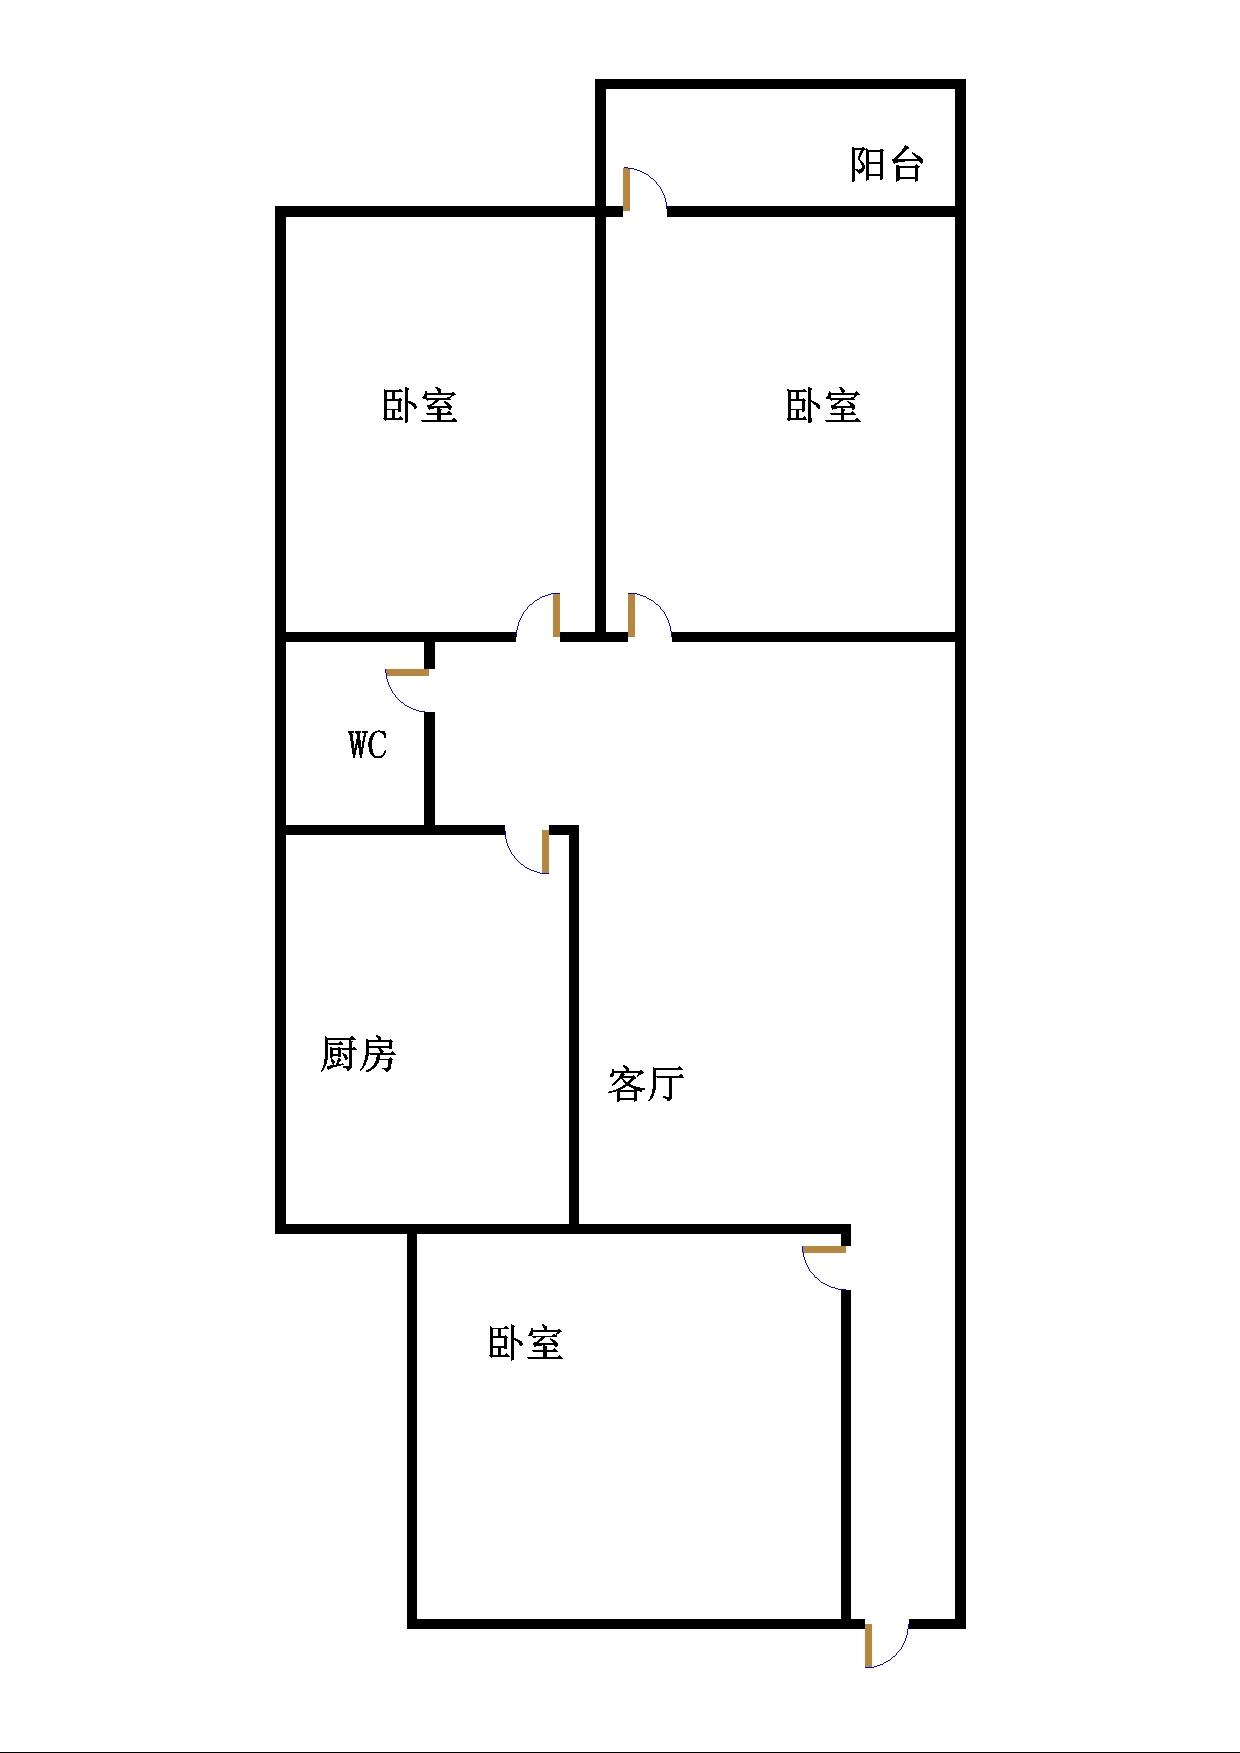 北园小区 3室1厅 5楼